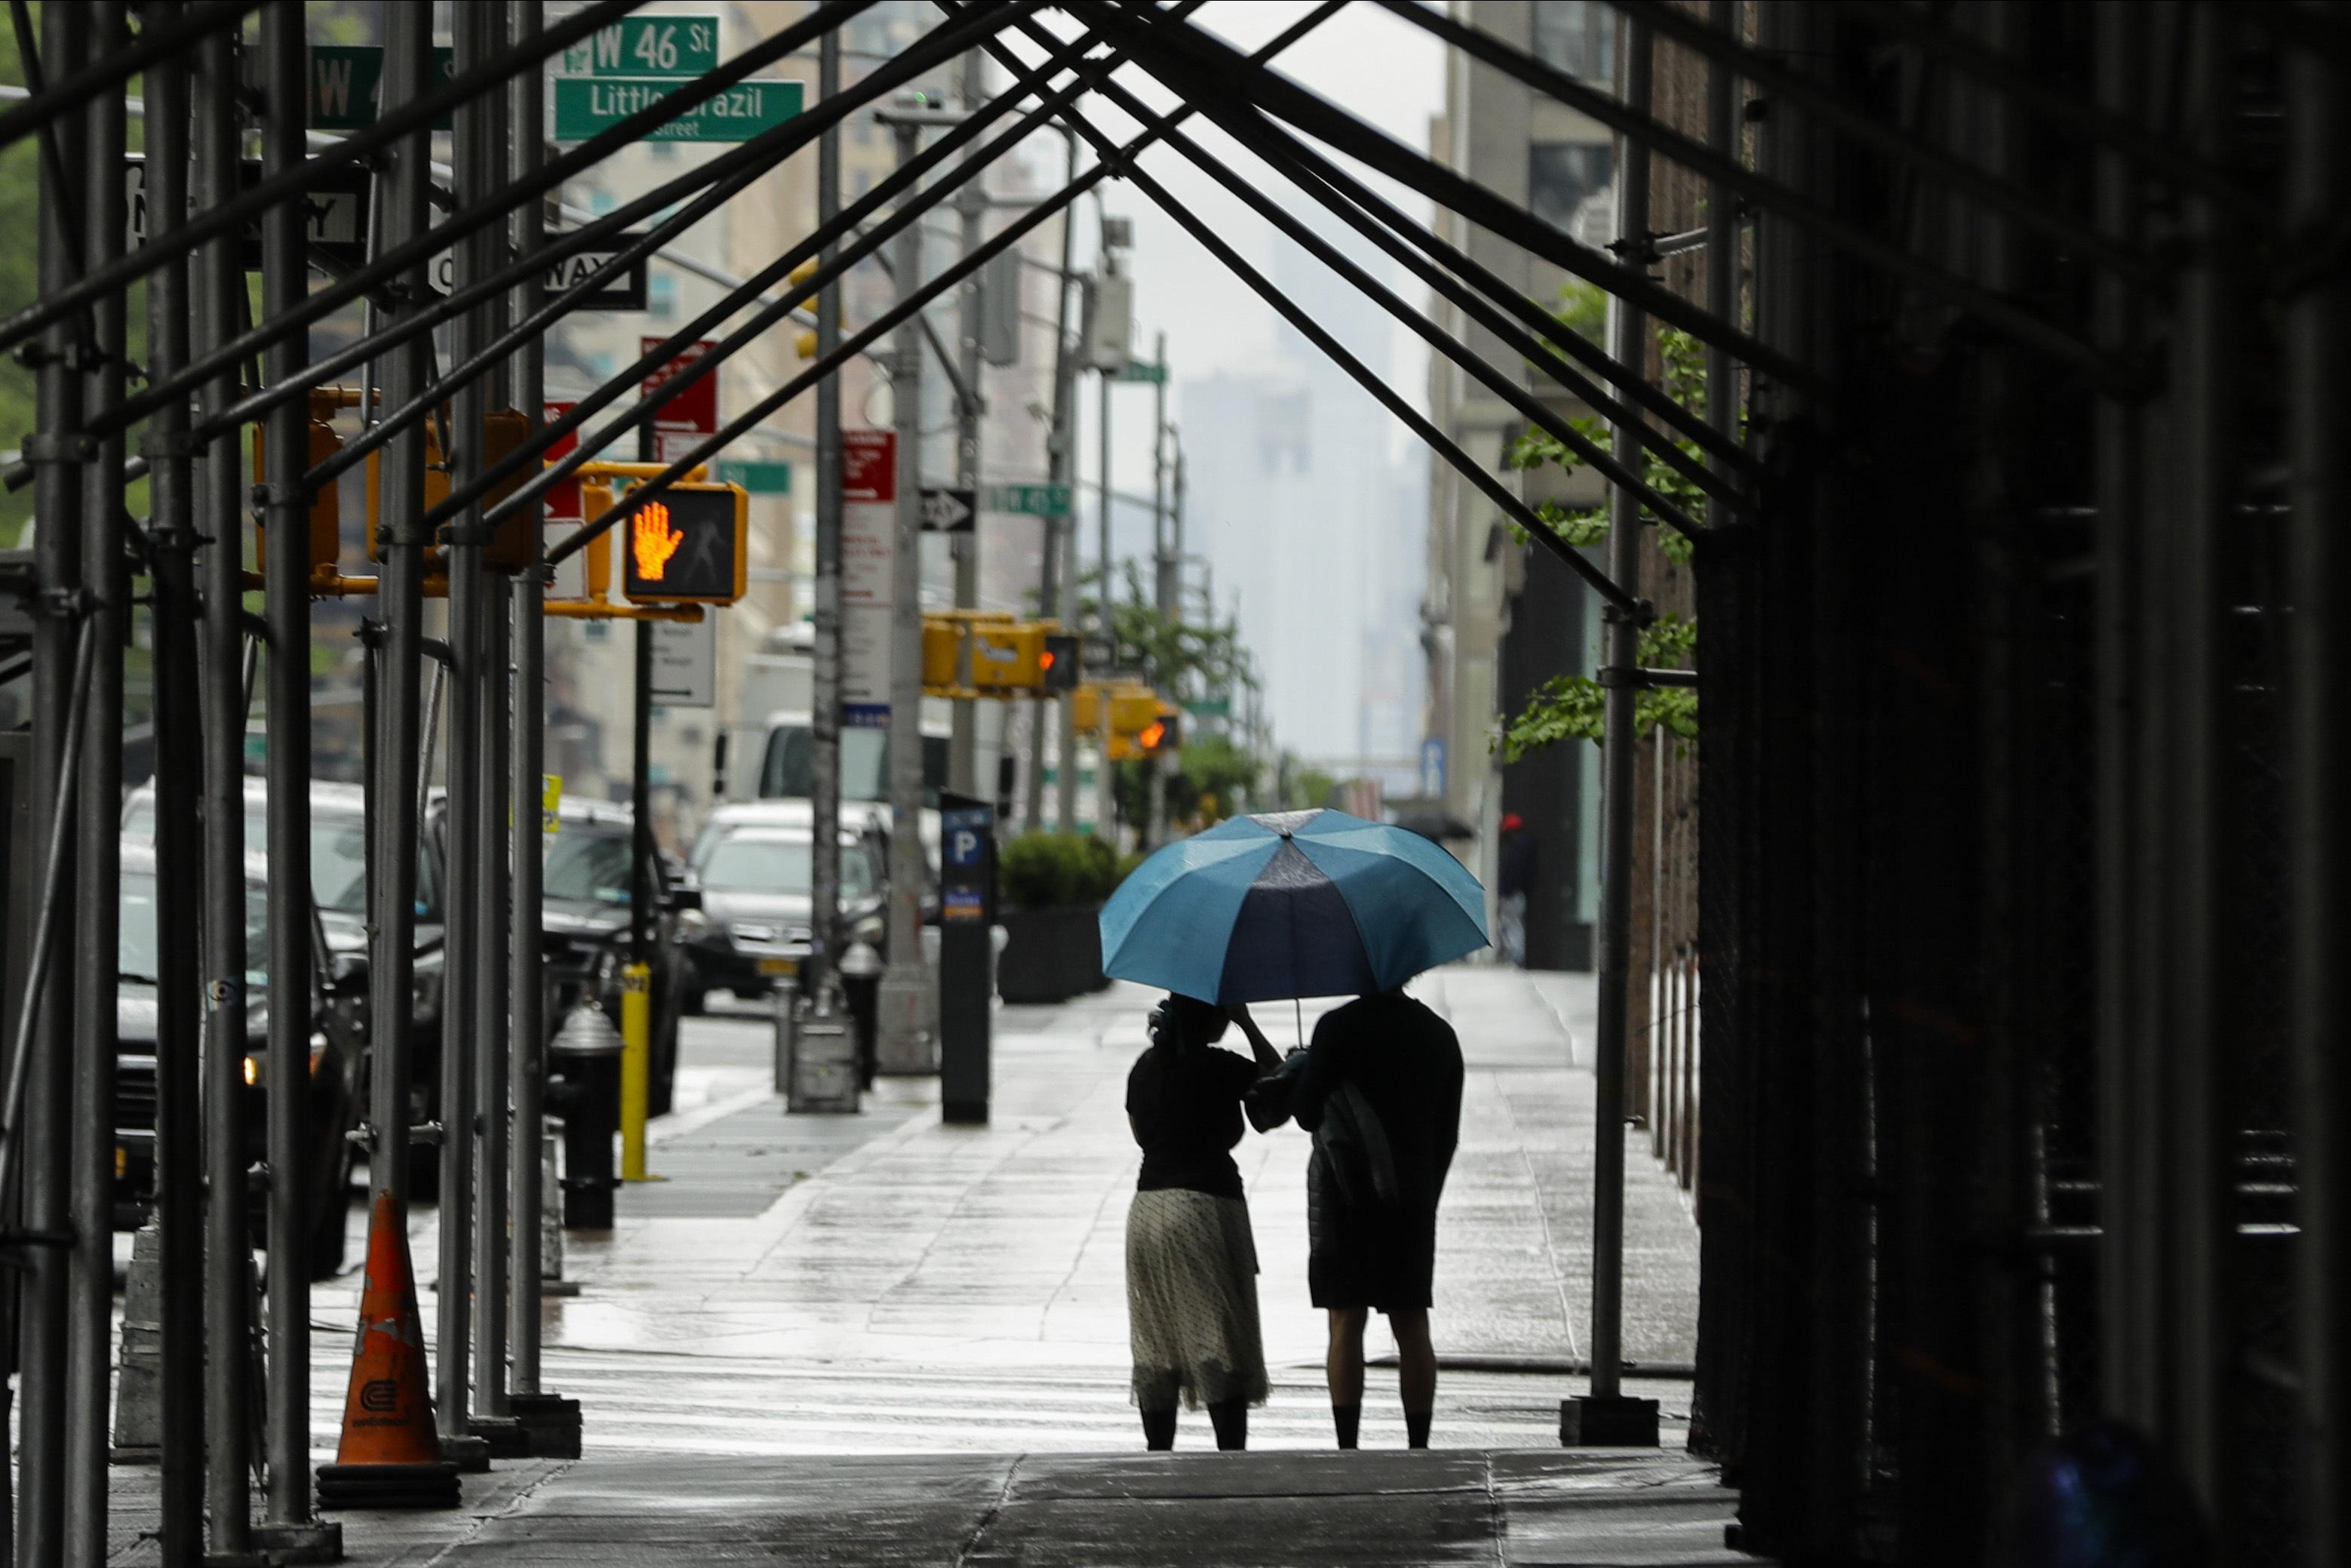 傘を差して歩く人々=23日、ニューヨーク(AP=共同)